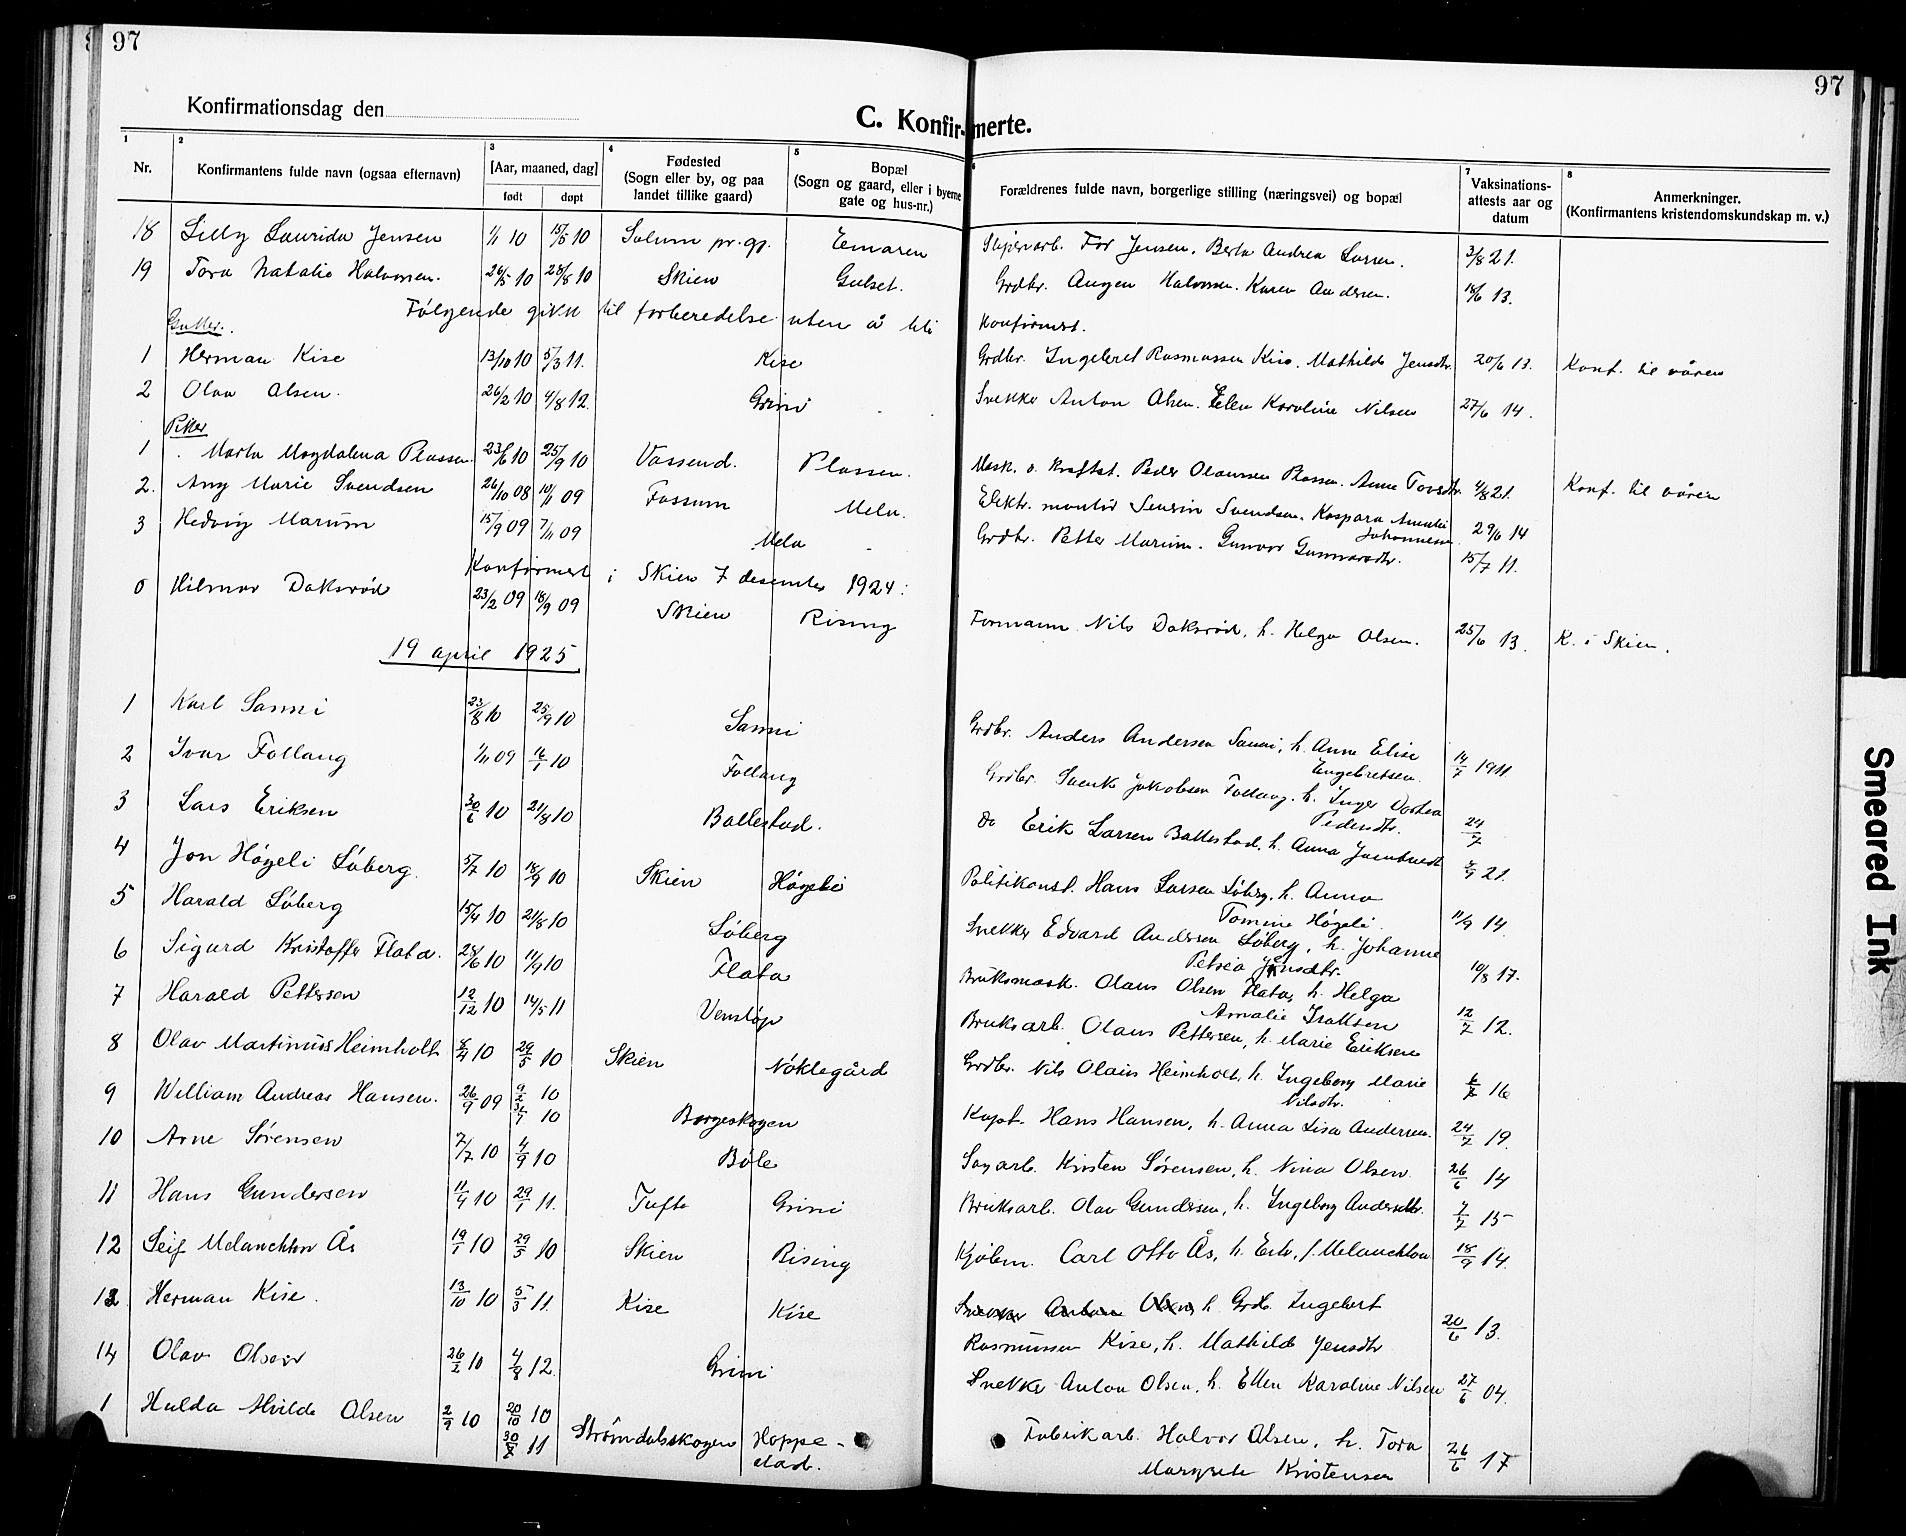 SAKO, Gjerpen kirkebøker, G/Ga/L0004: Klokkerbok nr. I 4, 1920-1931, s. 97